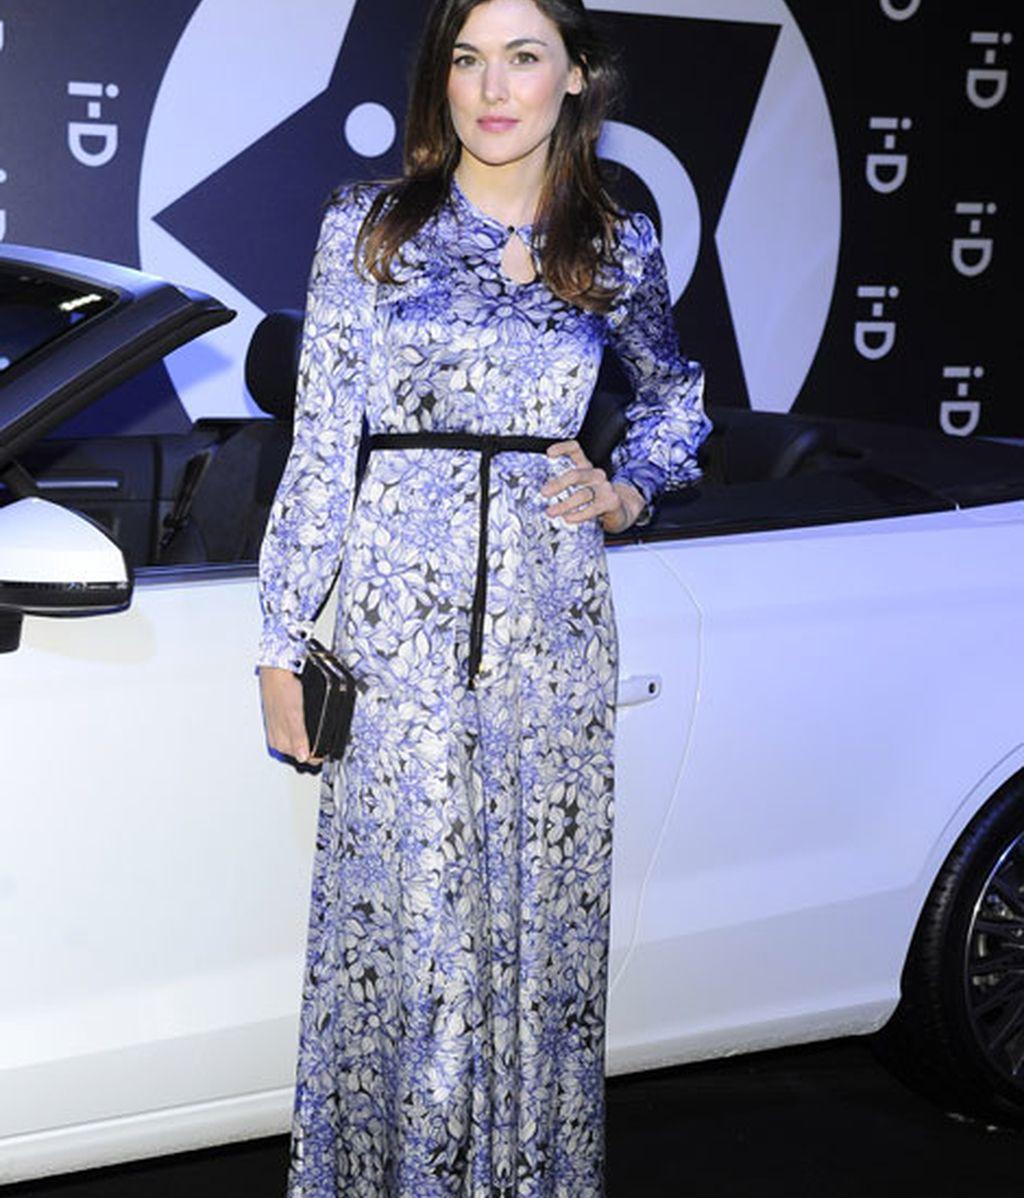 La actriz Marta Nieto con un 'look' muy floreado